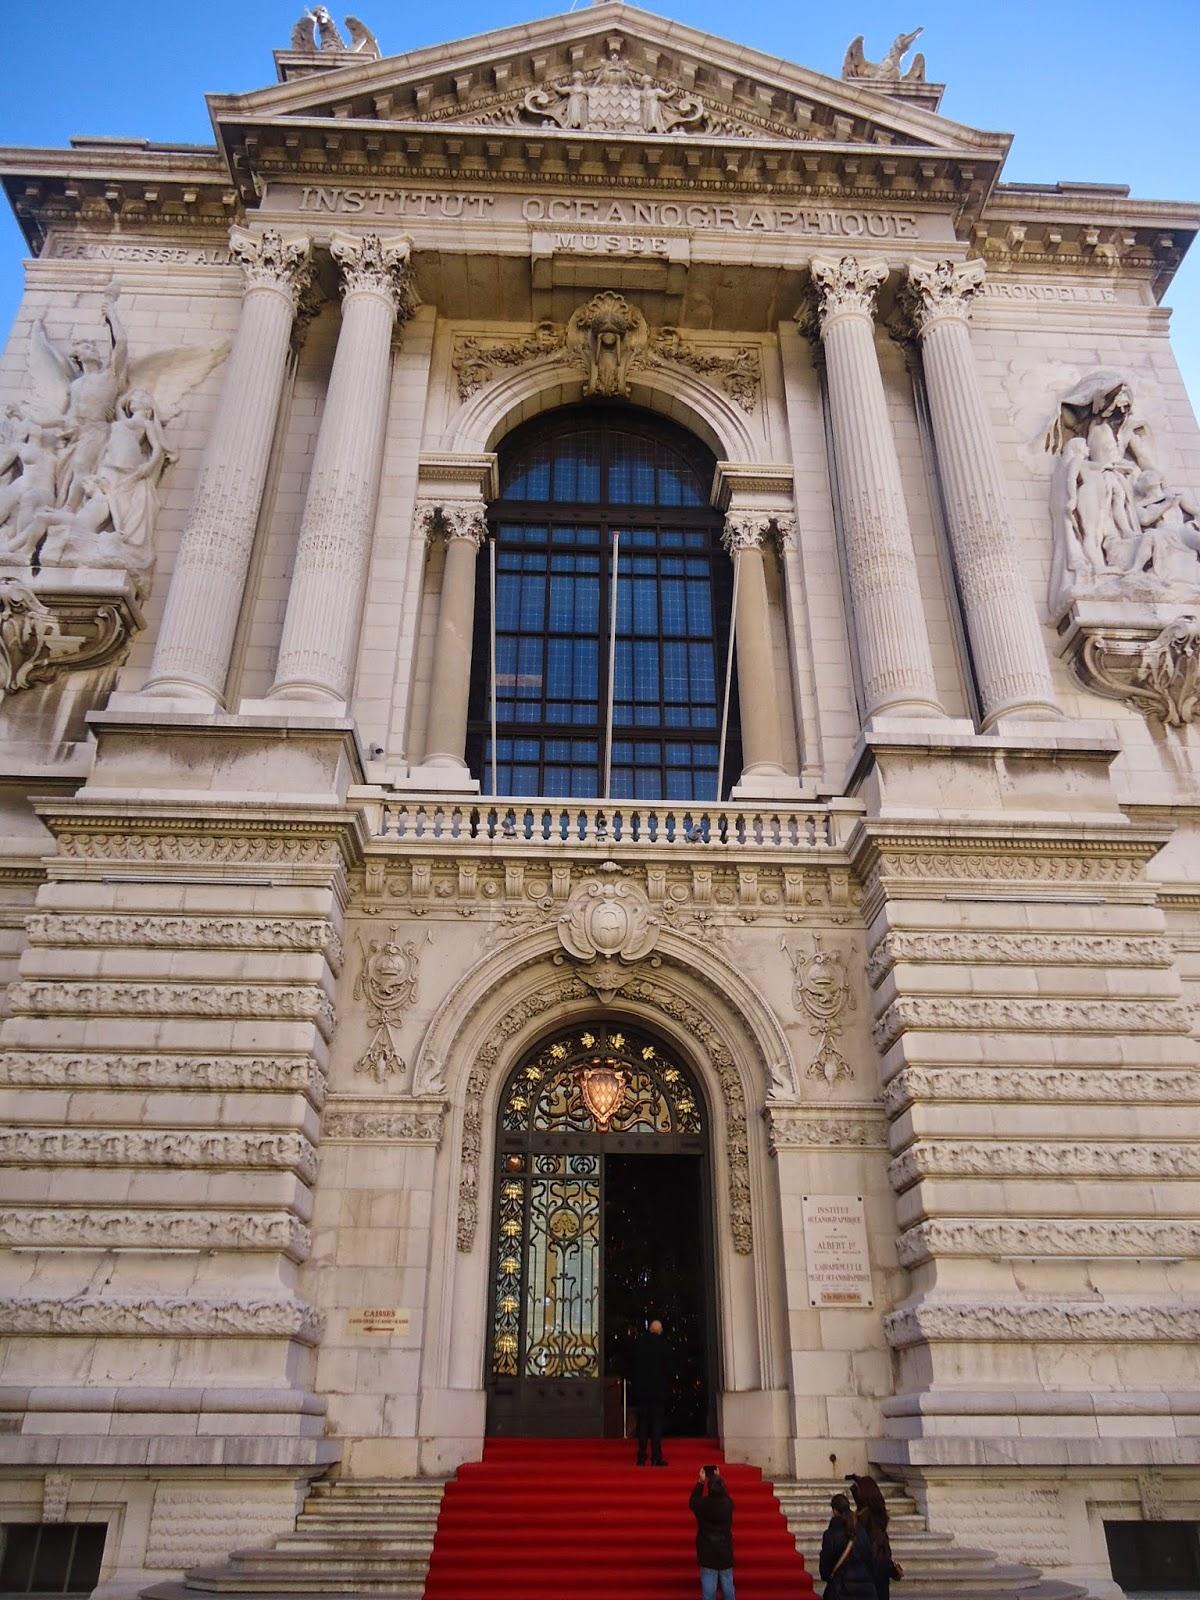 Monaco Oceanographic institute Albert Prince